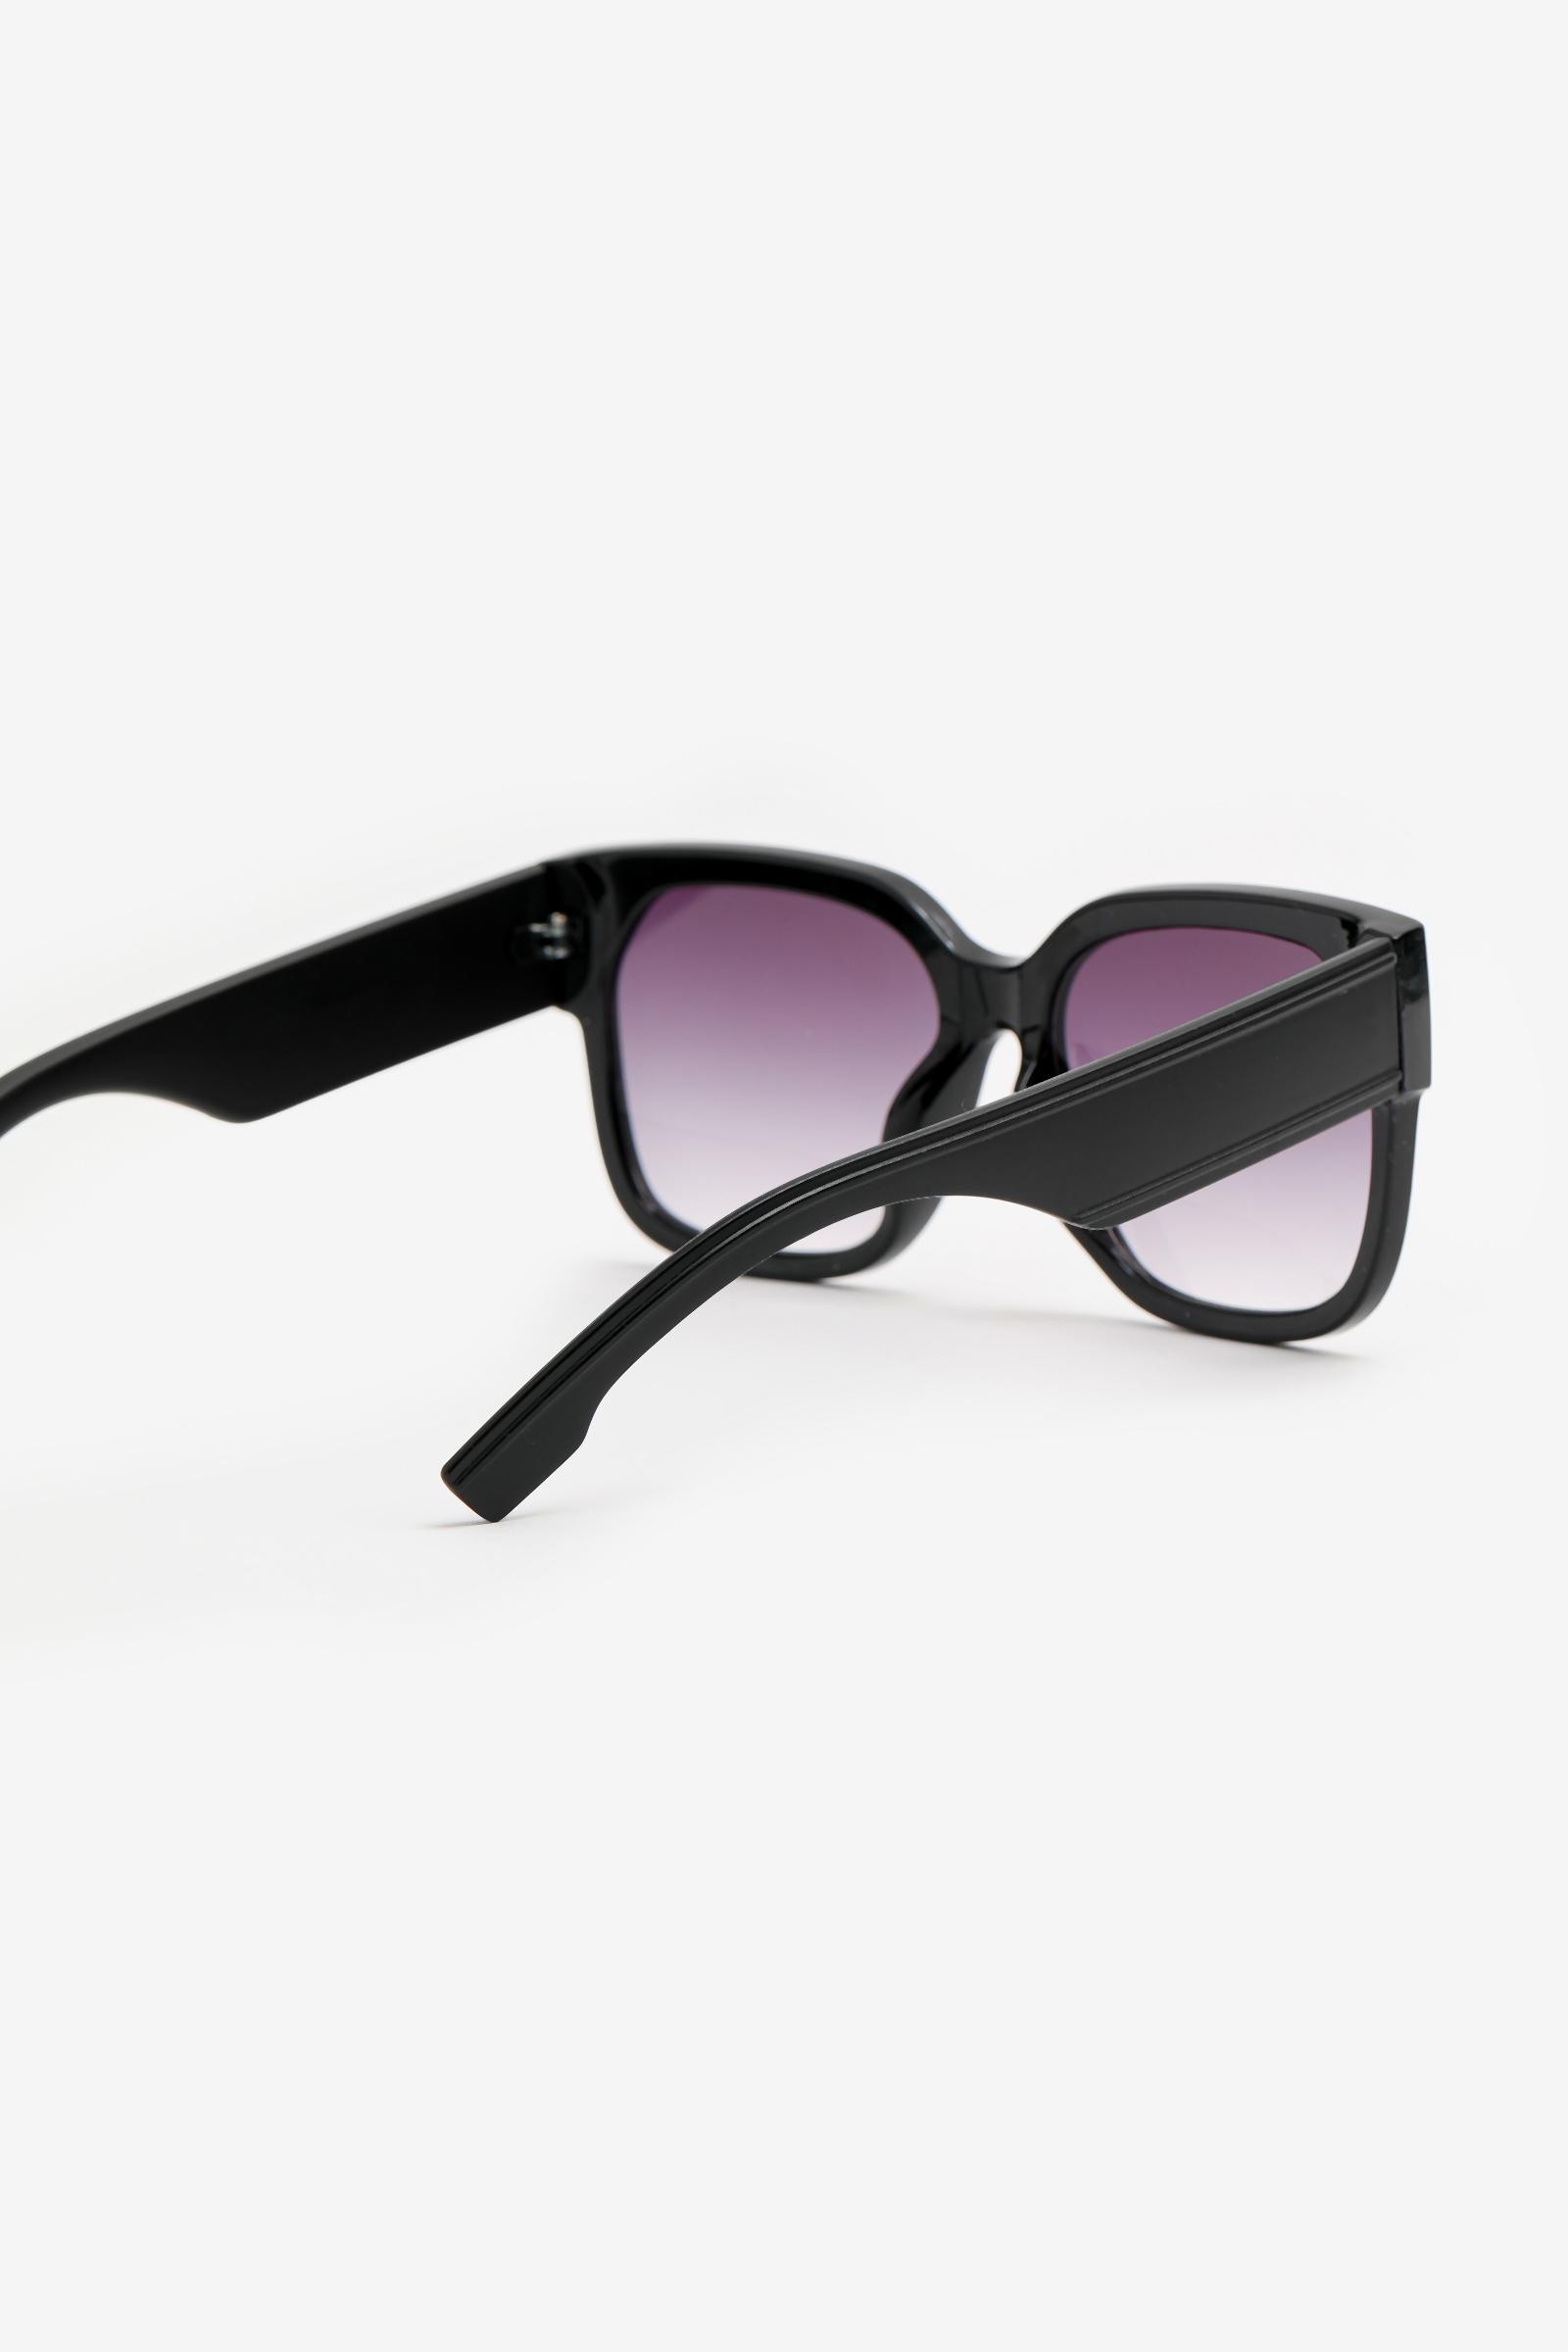 Oversized Square Plastic Sunglasses